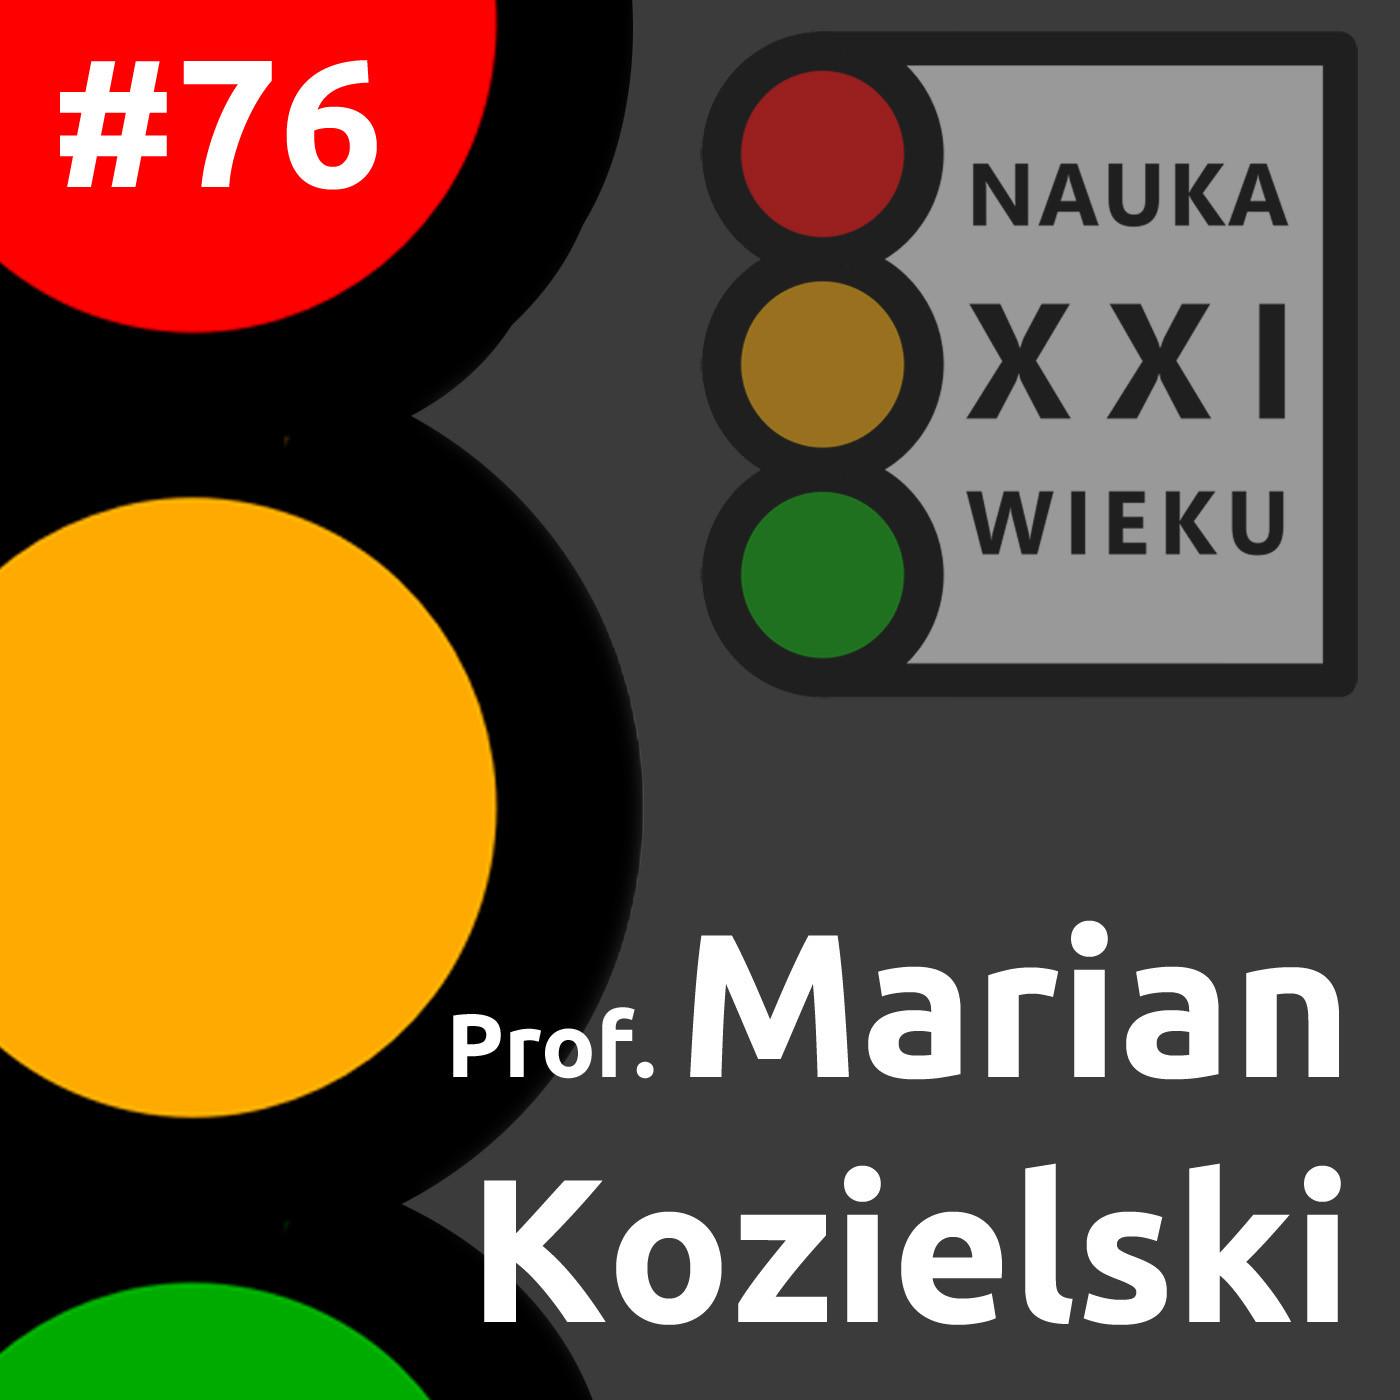 #76 - Prof. Marian Kozielski